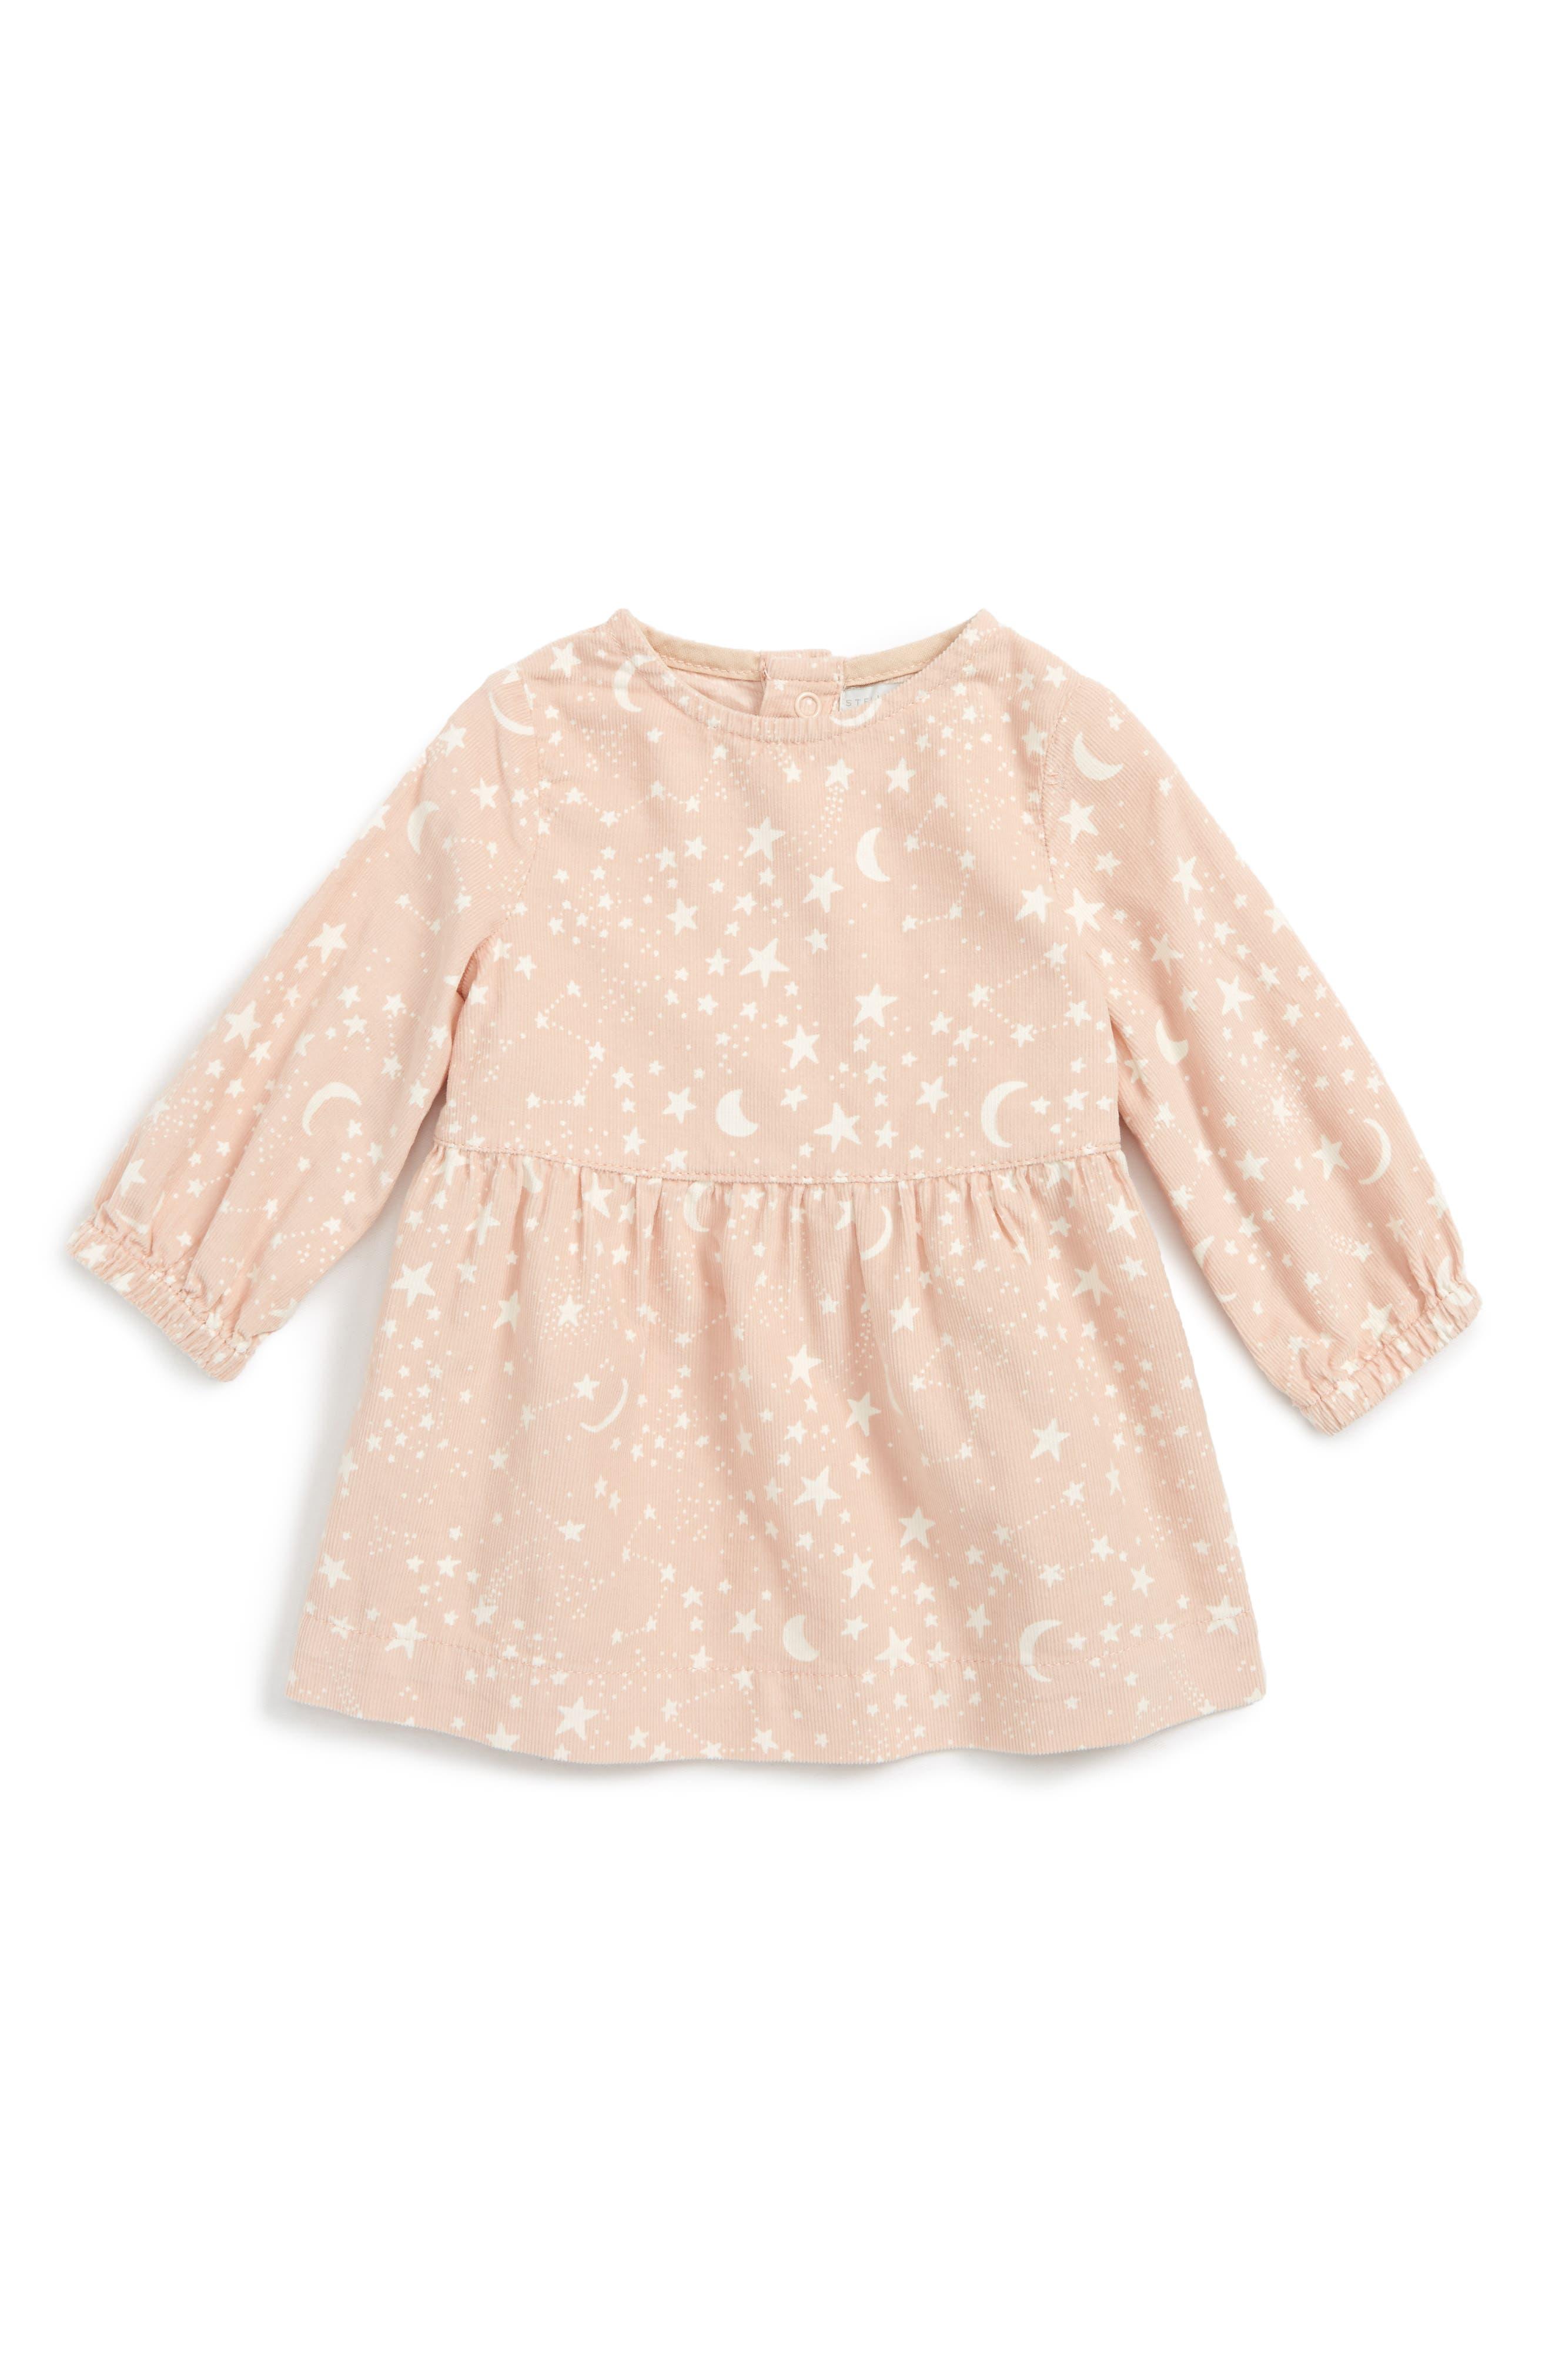 Stella McCartney Kids Skippy Star Print Dress (Baby Girls)